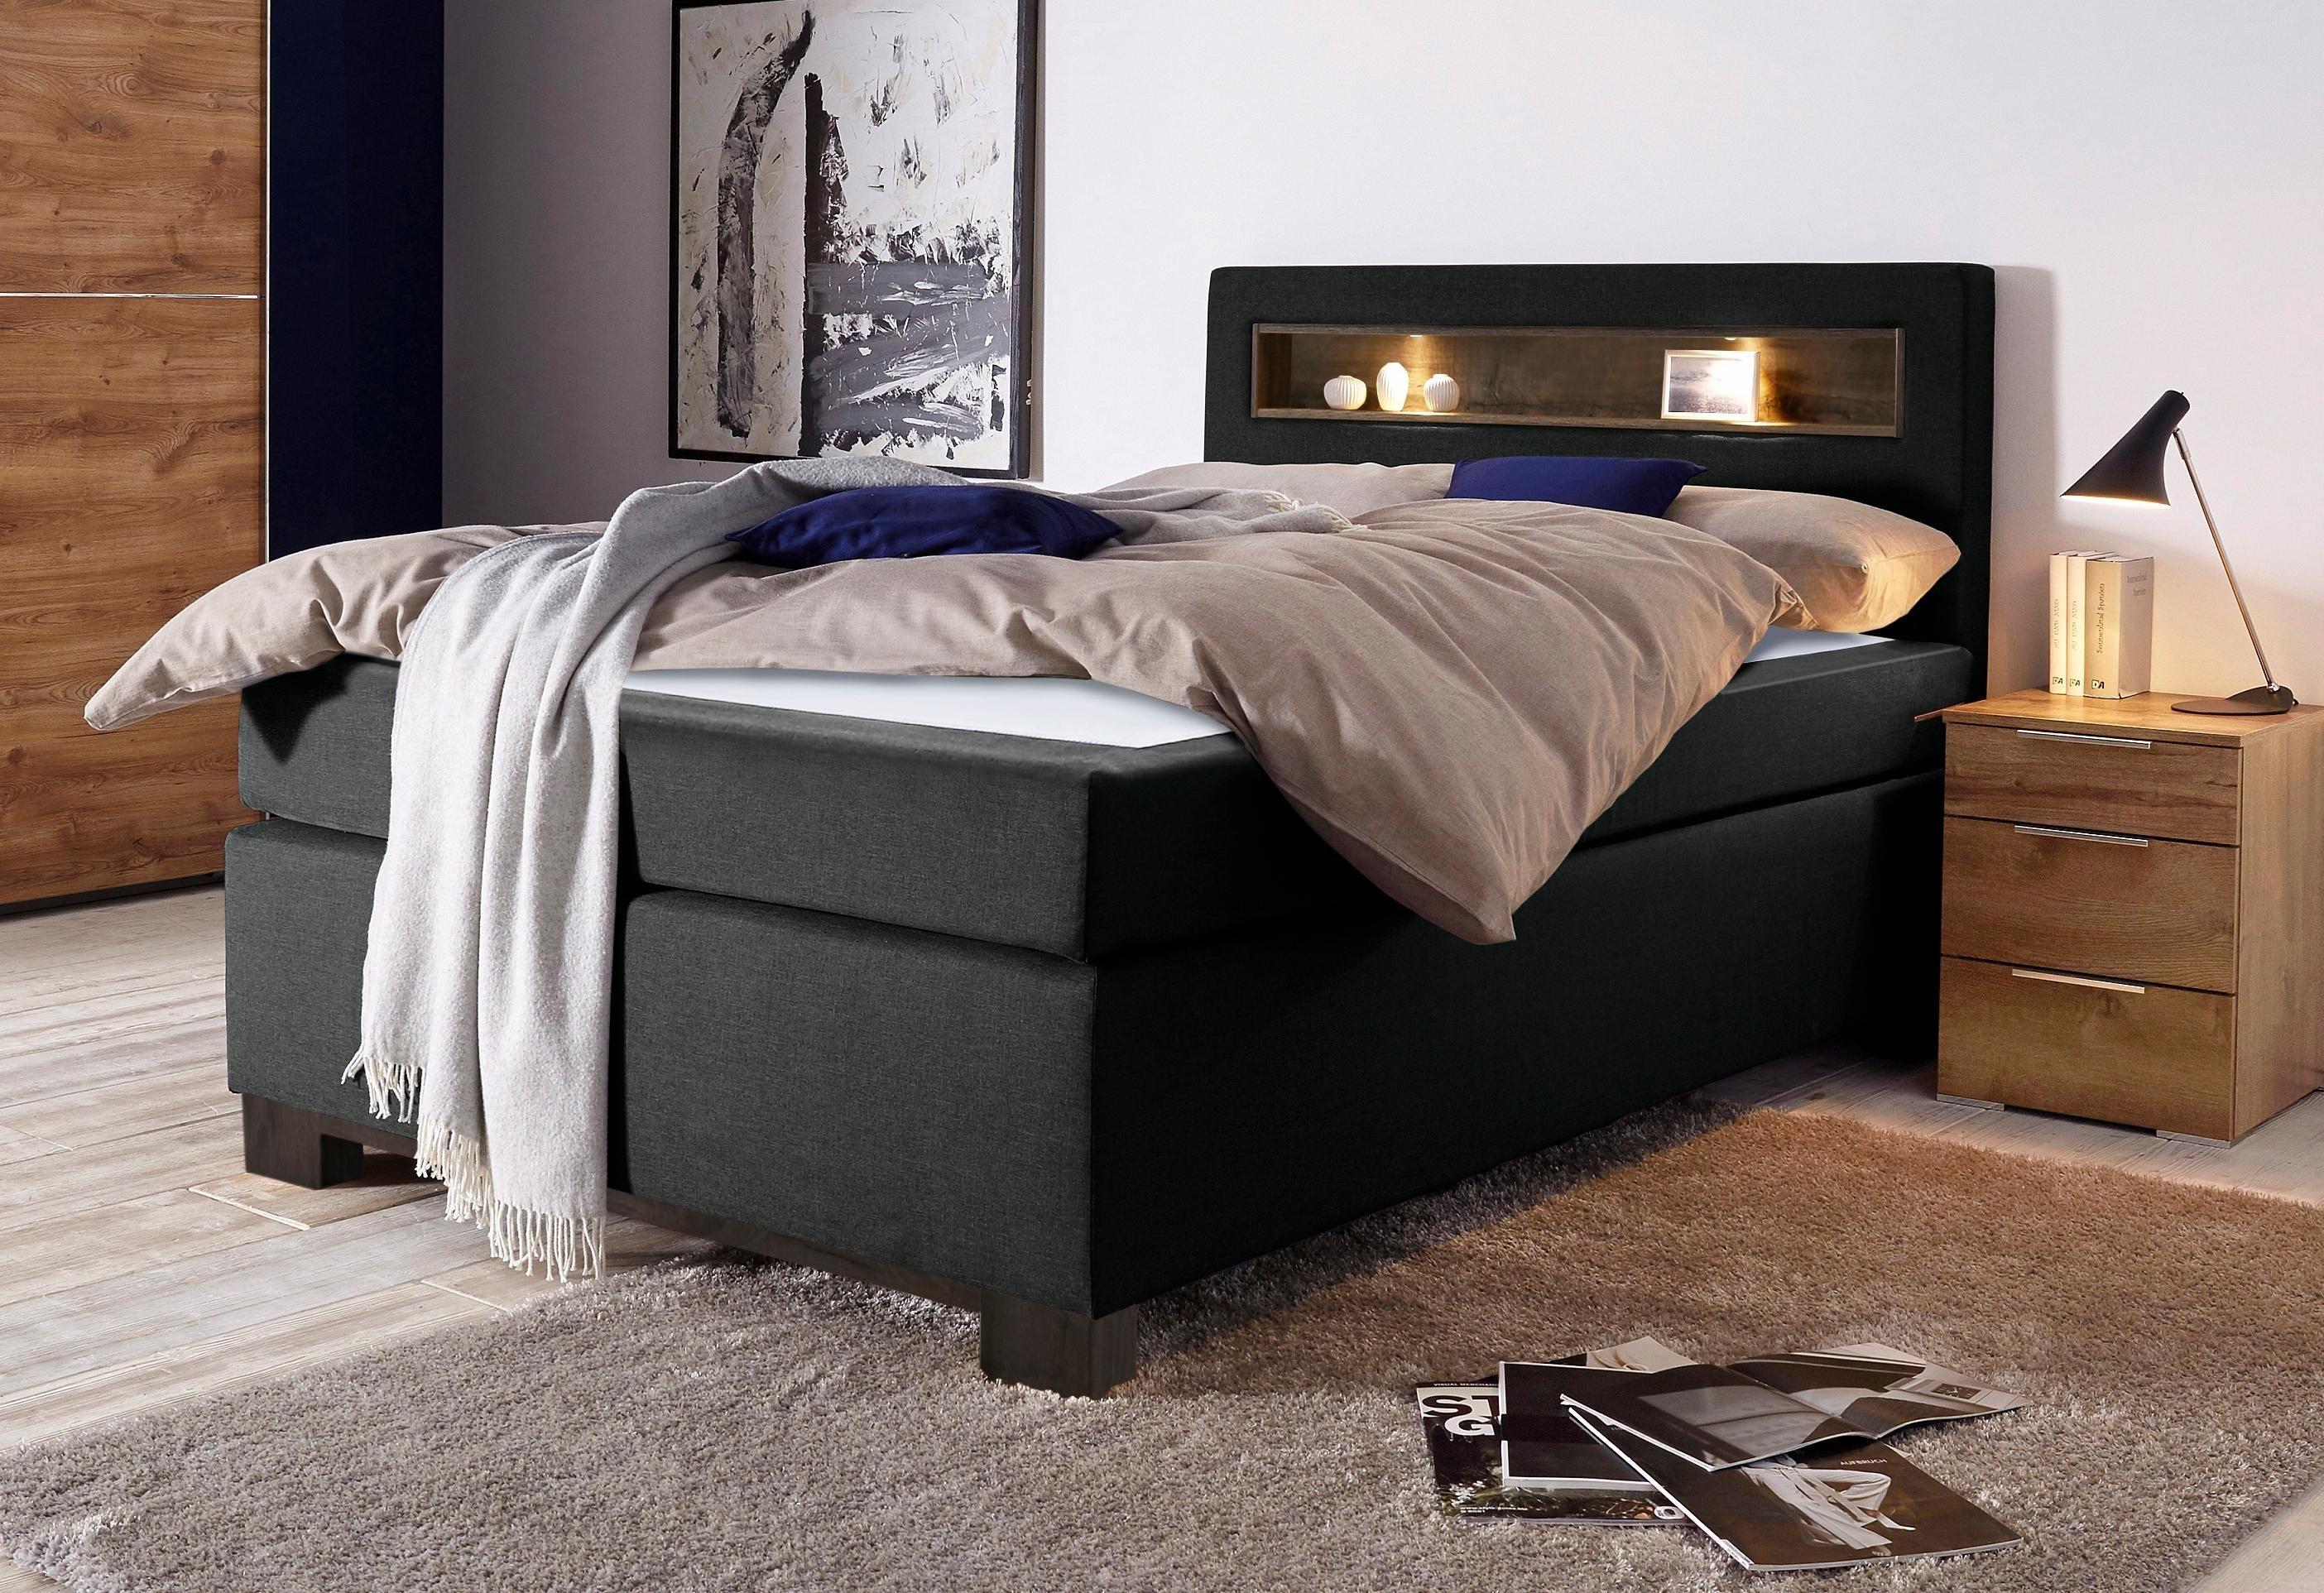 bruno banani boxspring met houtinzet en led lampen in het hoofdbord online verkrijgbaar otto. Black Bedroom Furniture Sets. Home Design Ideas